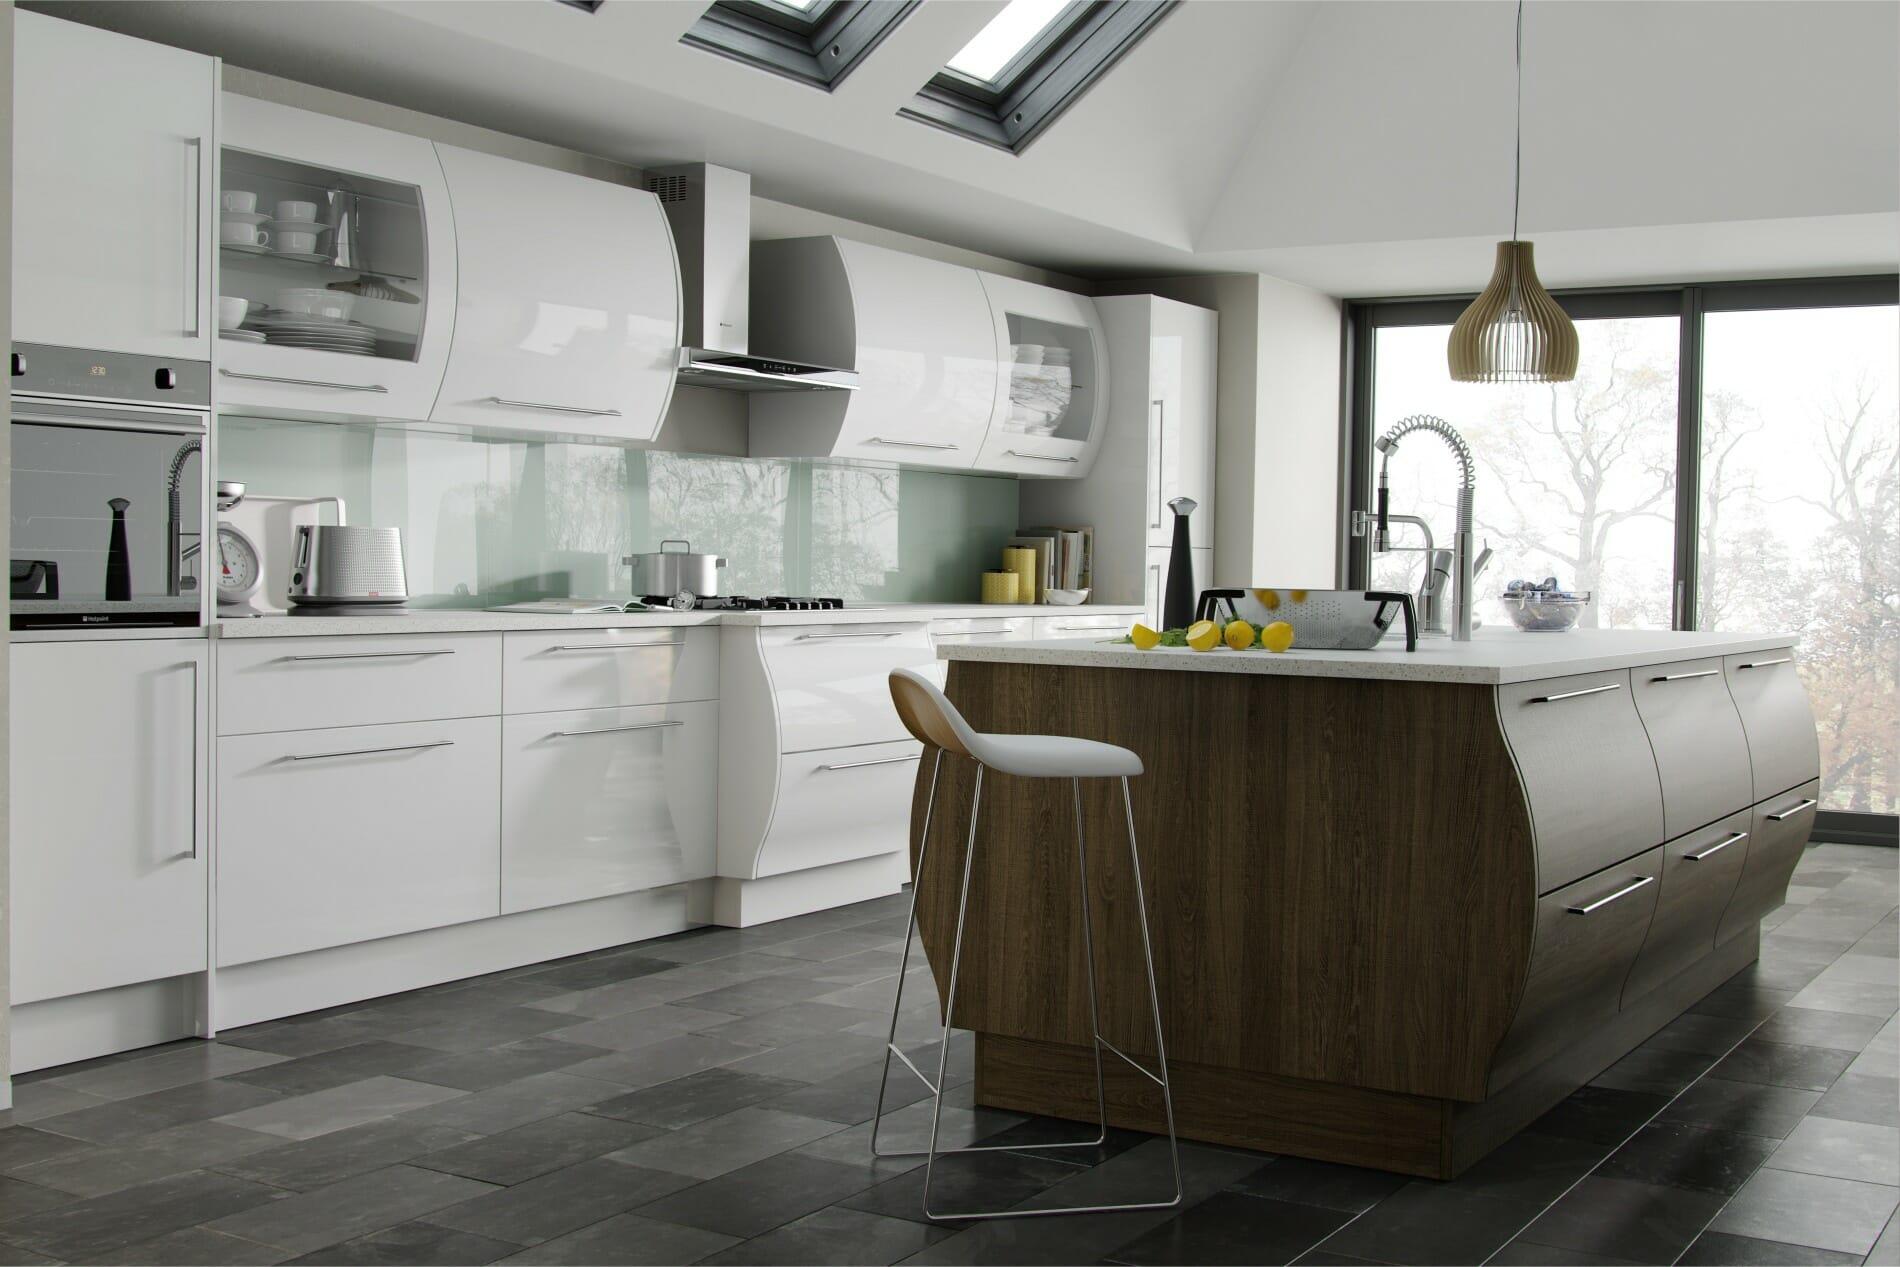 High gloss kitchens mastercraft kitchens - Duleek White Santana